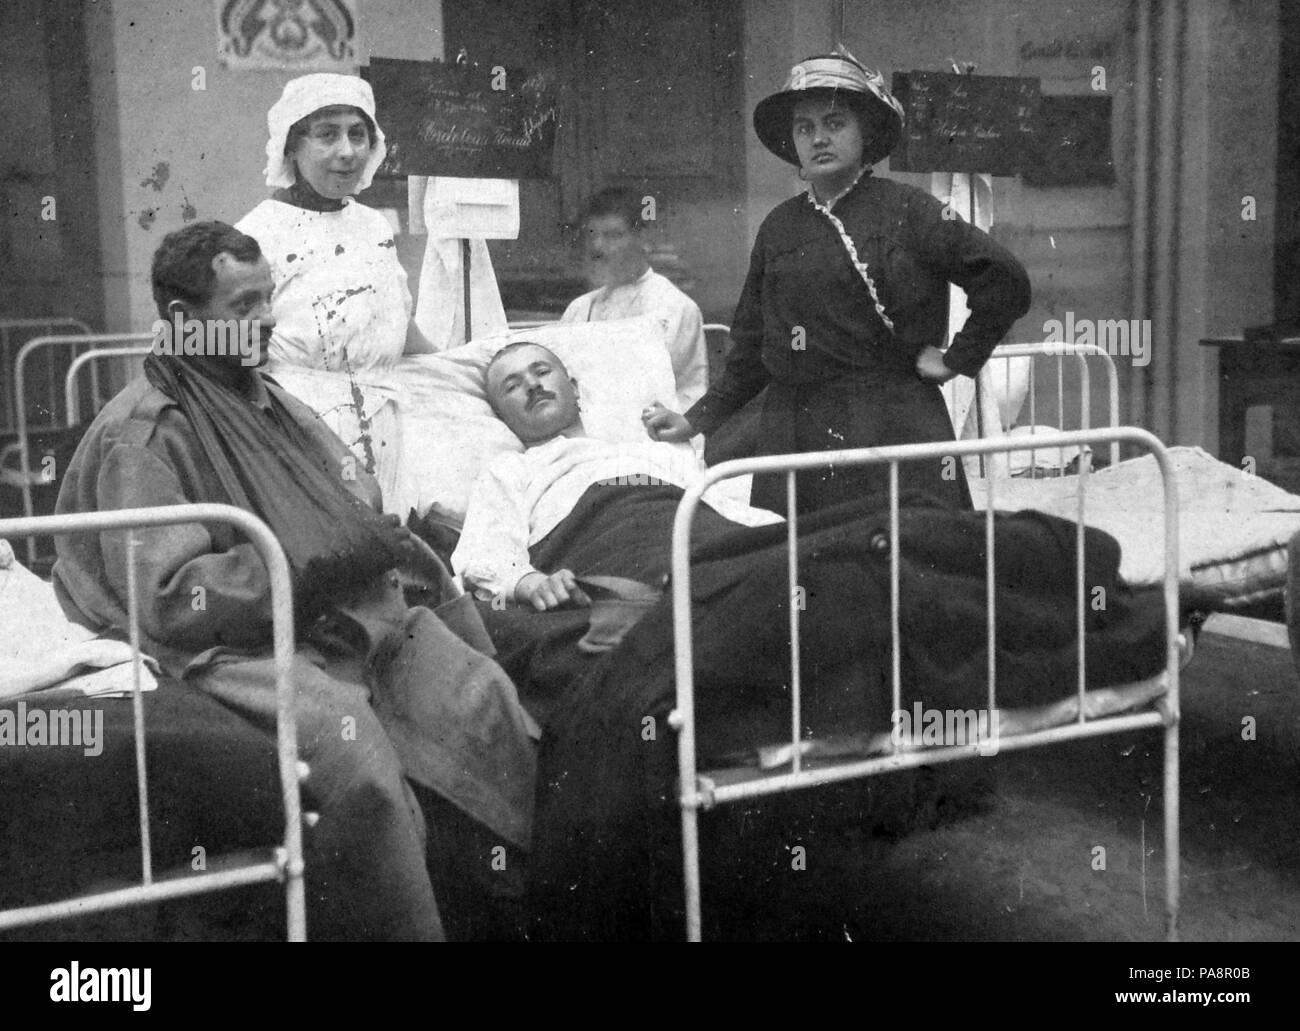 Astounding 652 First World War Nurse Medical Institution Illness Download Free Architecture Designs Meptaeticmadebymaigaardcom